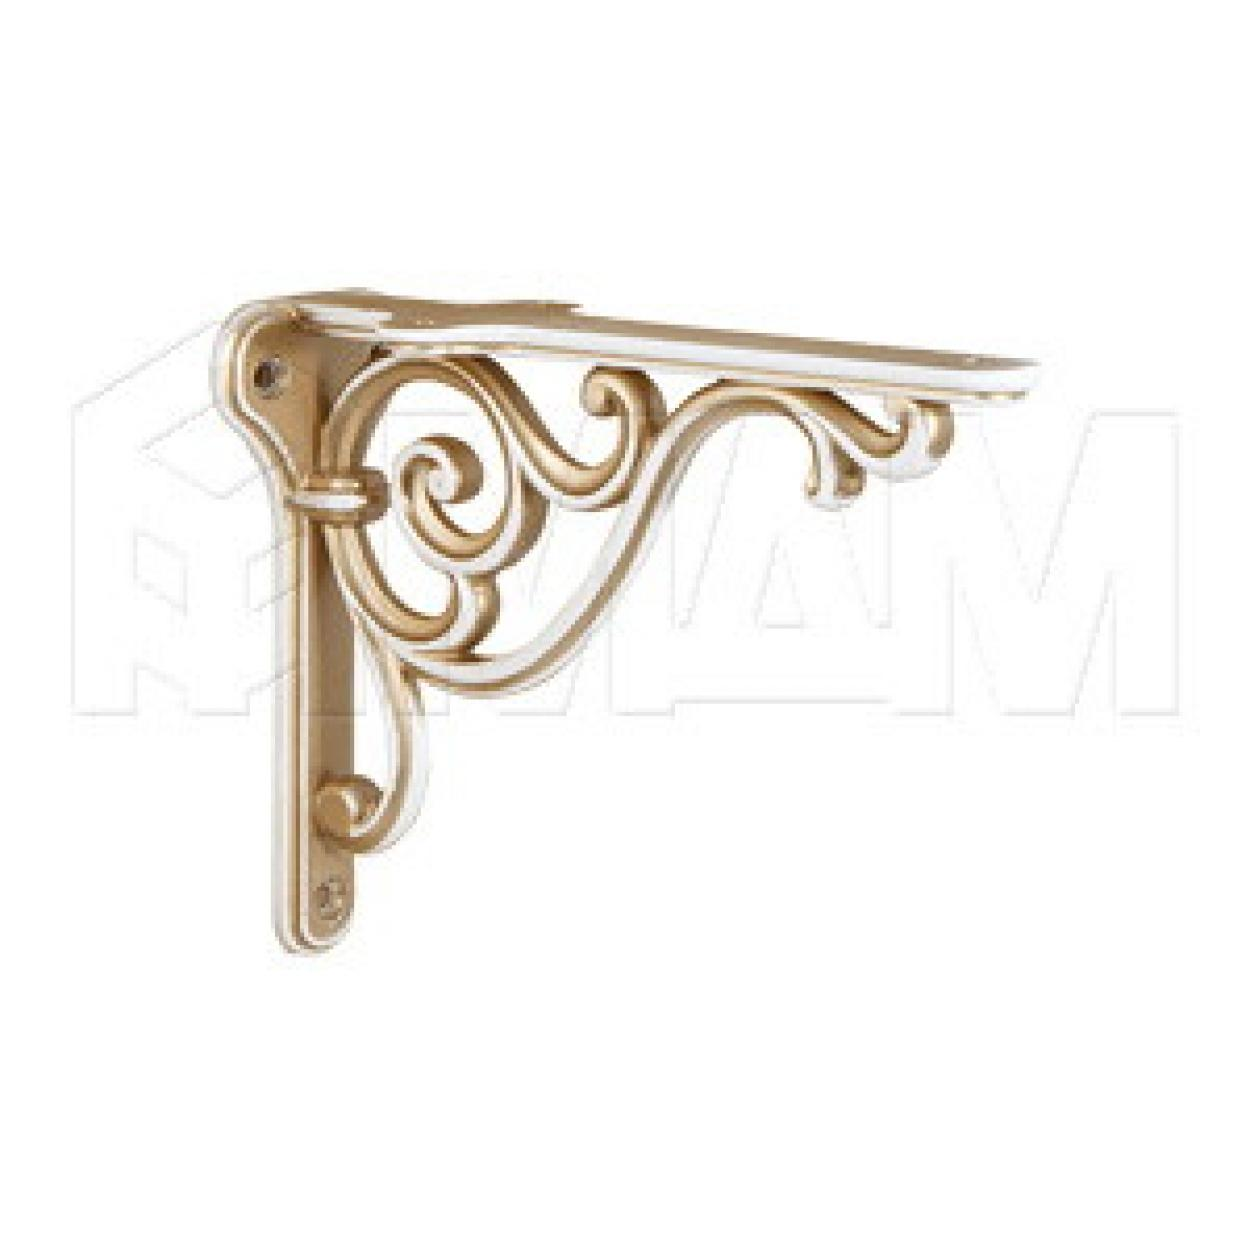 ROME Менсолодержатель для деревянных полок L-150 мм, cлоновая кость/золото винтаж